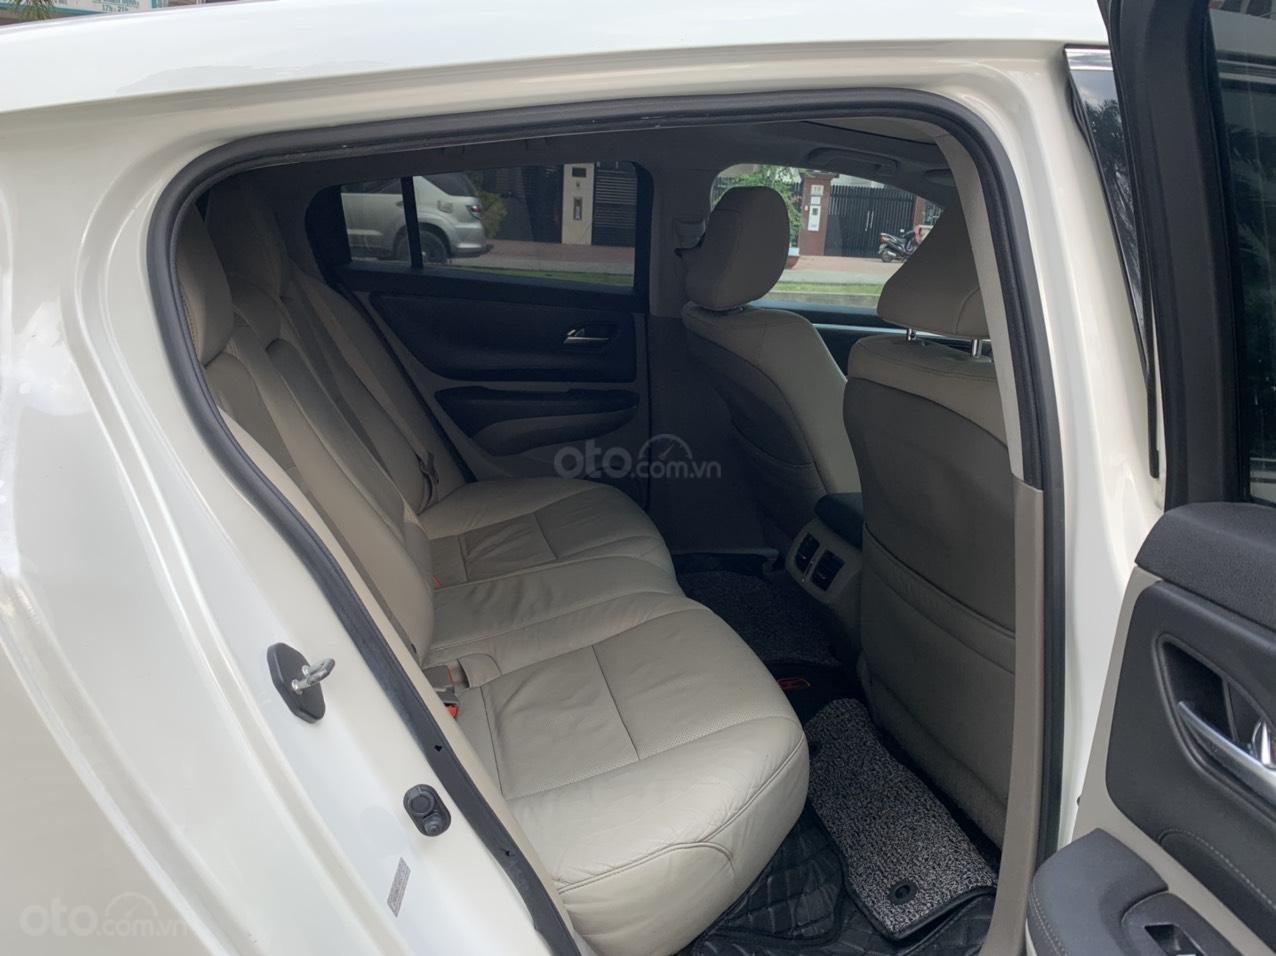 Cần bán xe Acura ZDX SX 2010, màu trắng giá 1 tỷ 130 triệu (5)